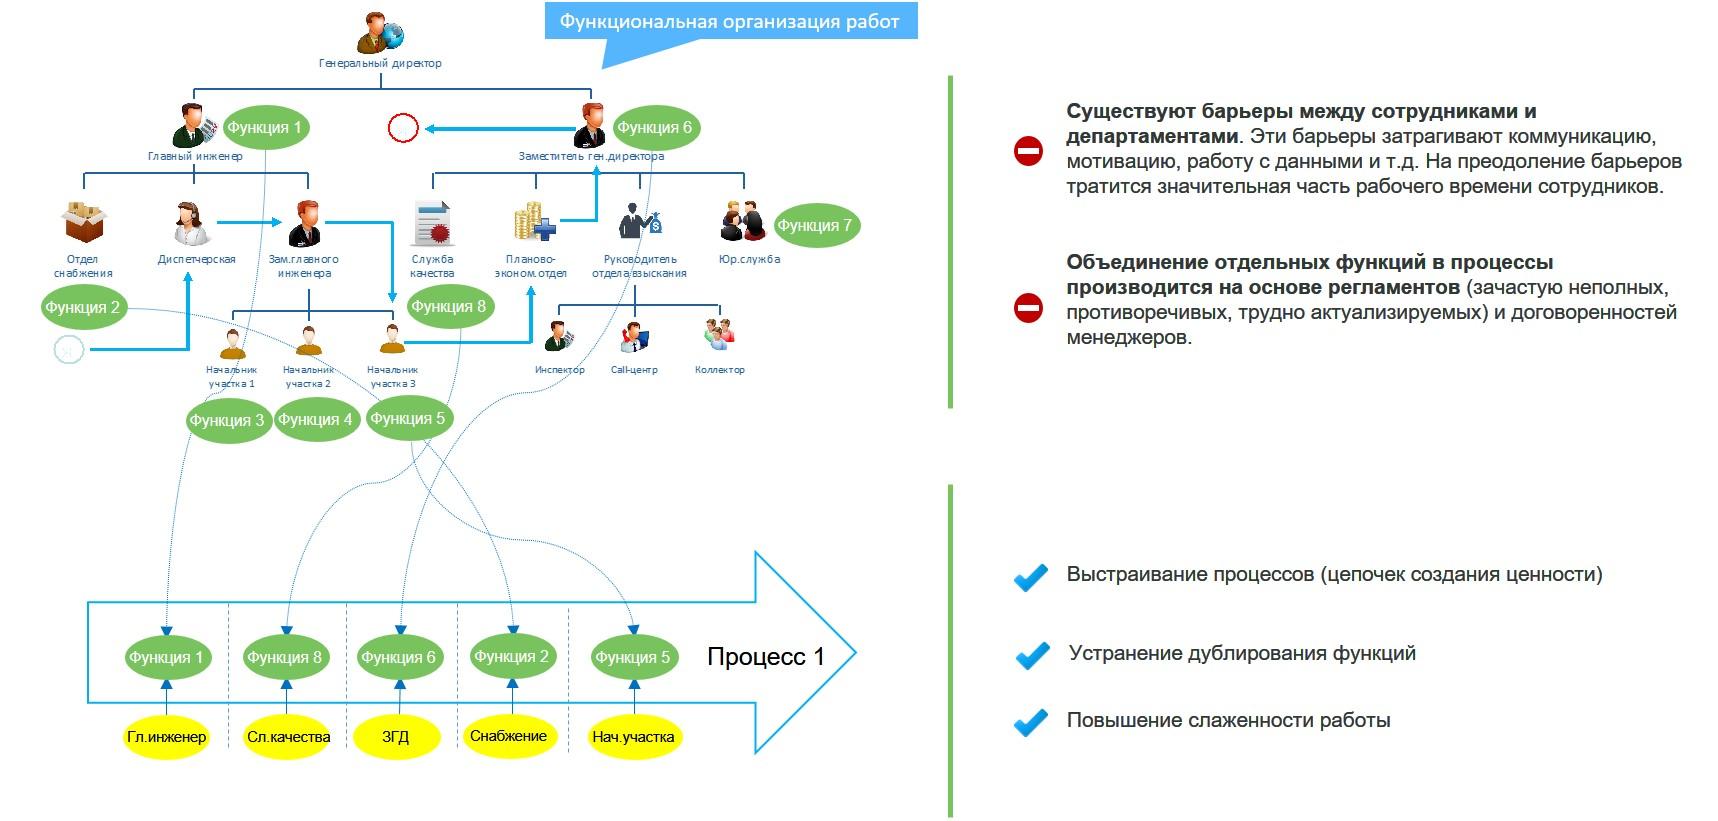 Схема взаимодействия процессов и видов деятельности